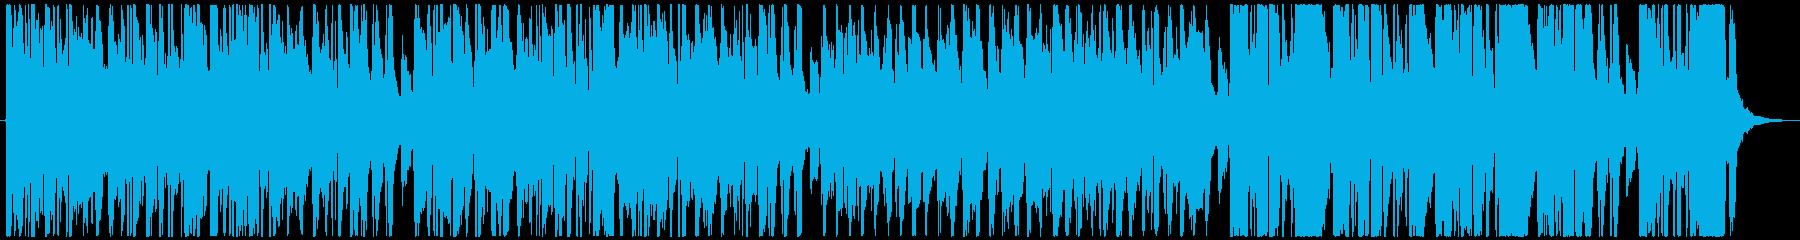 軽快で元気溢れるメロディーの再生済みの波形